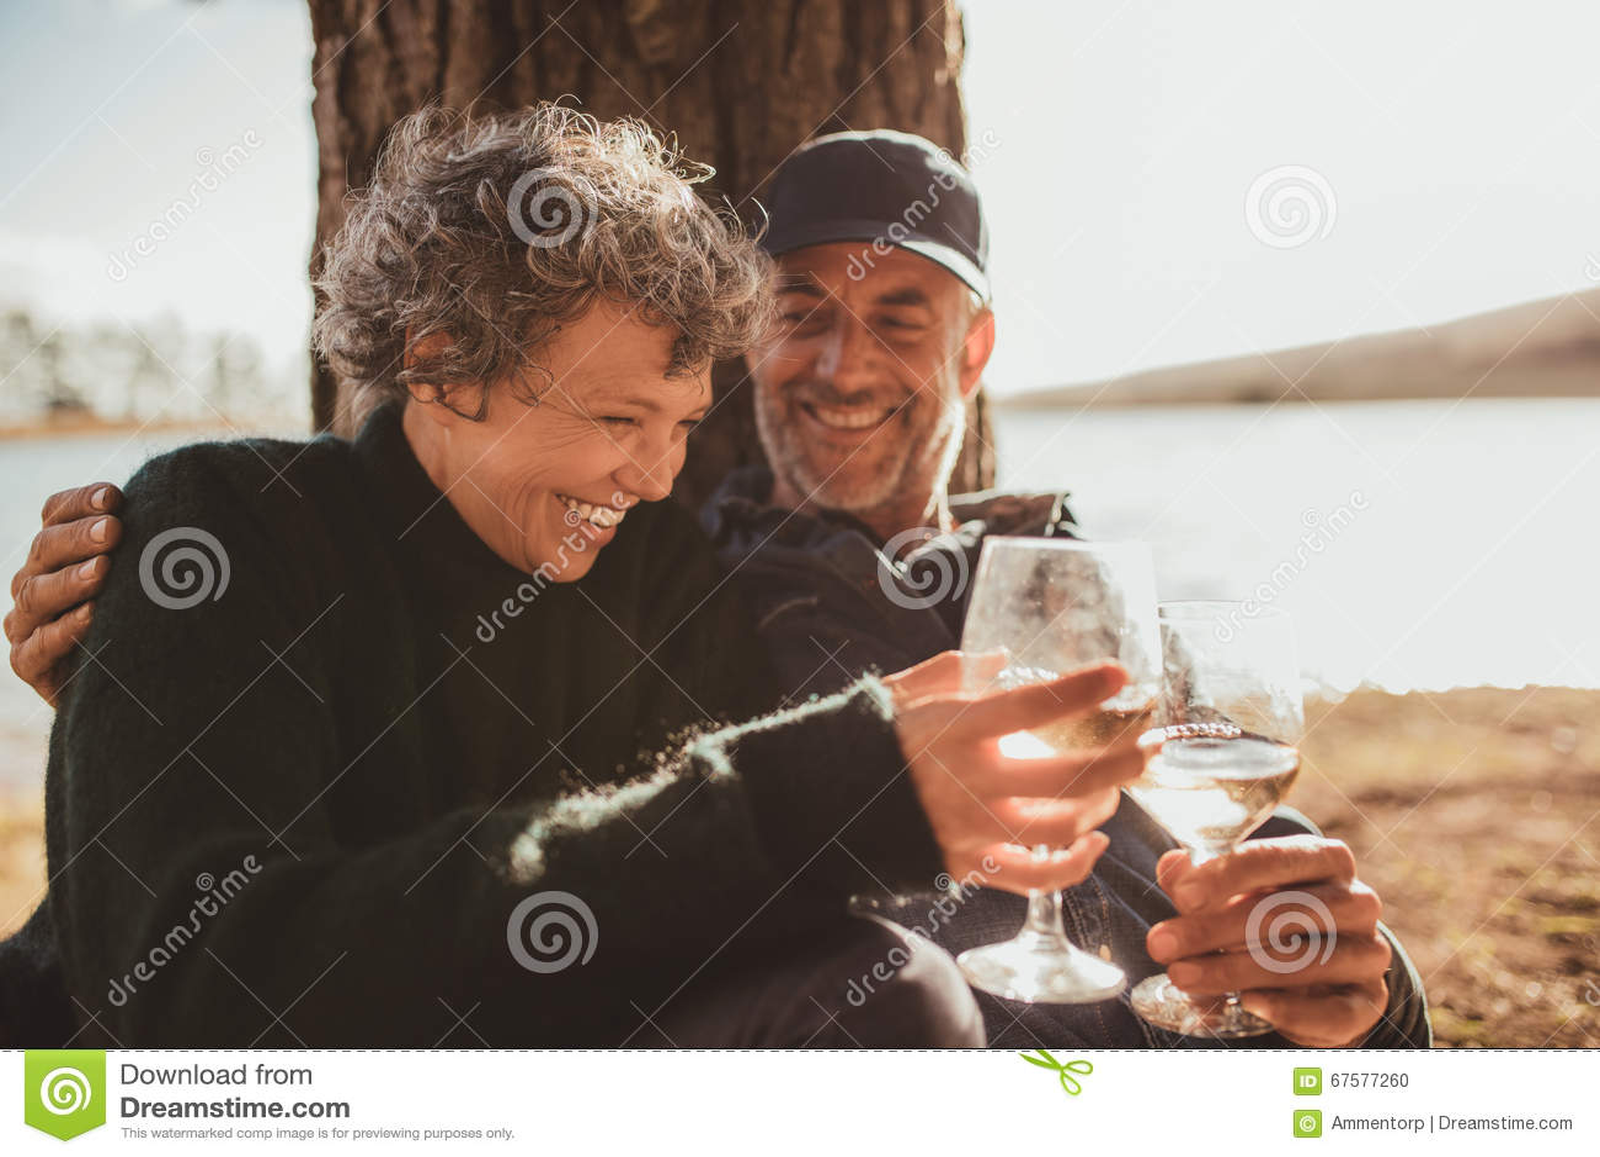 Entspannte Reife Paare, Die Ein Glas Wein Am Campingplatz